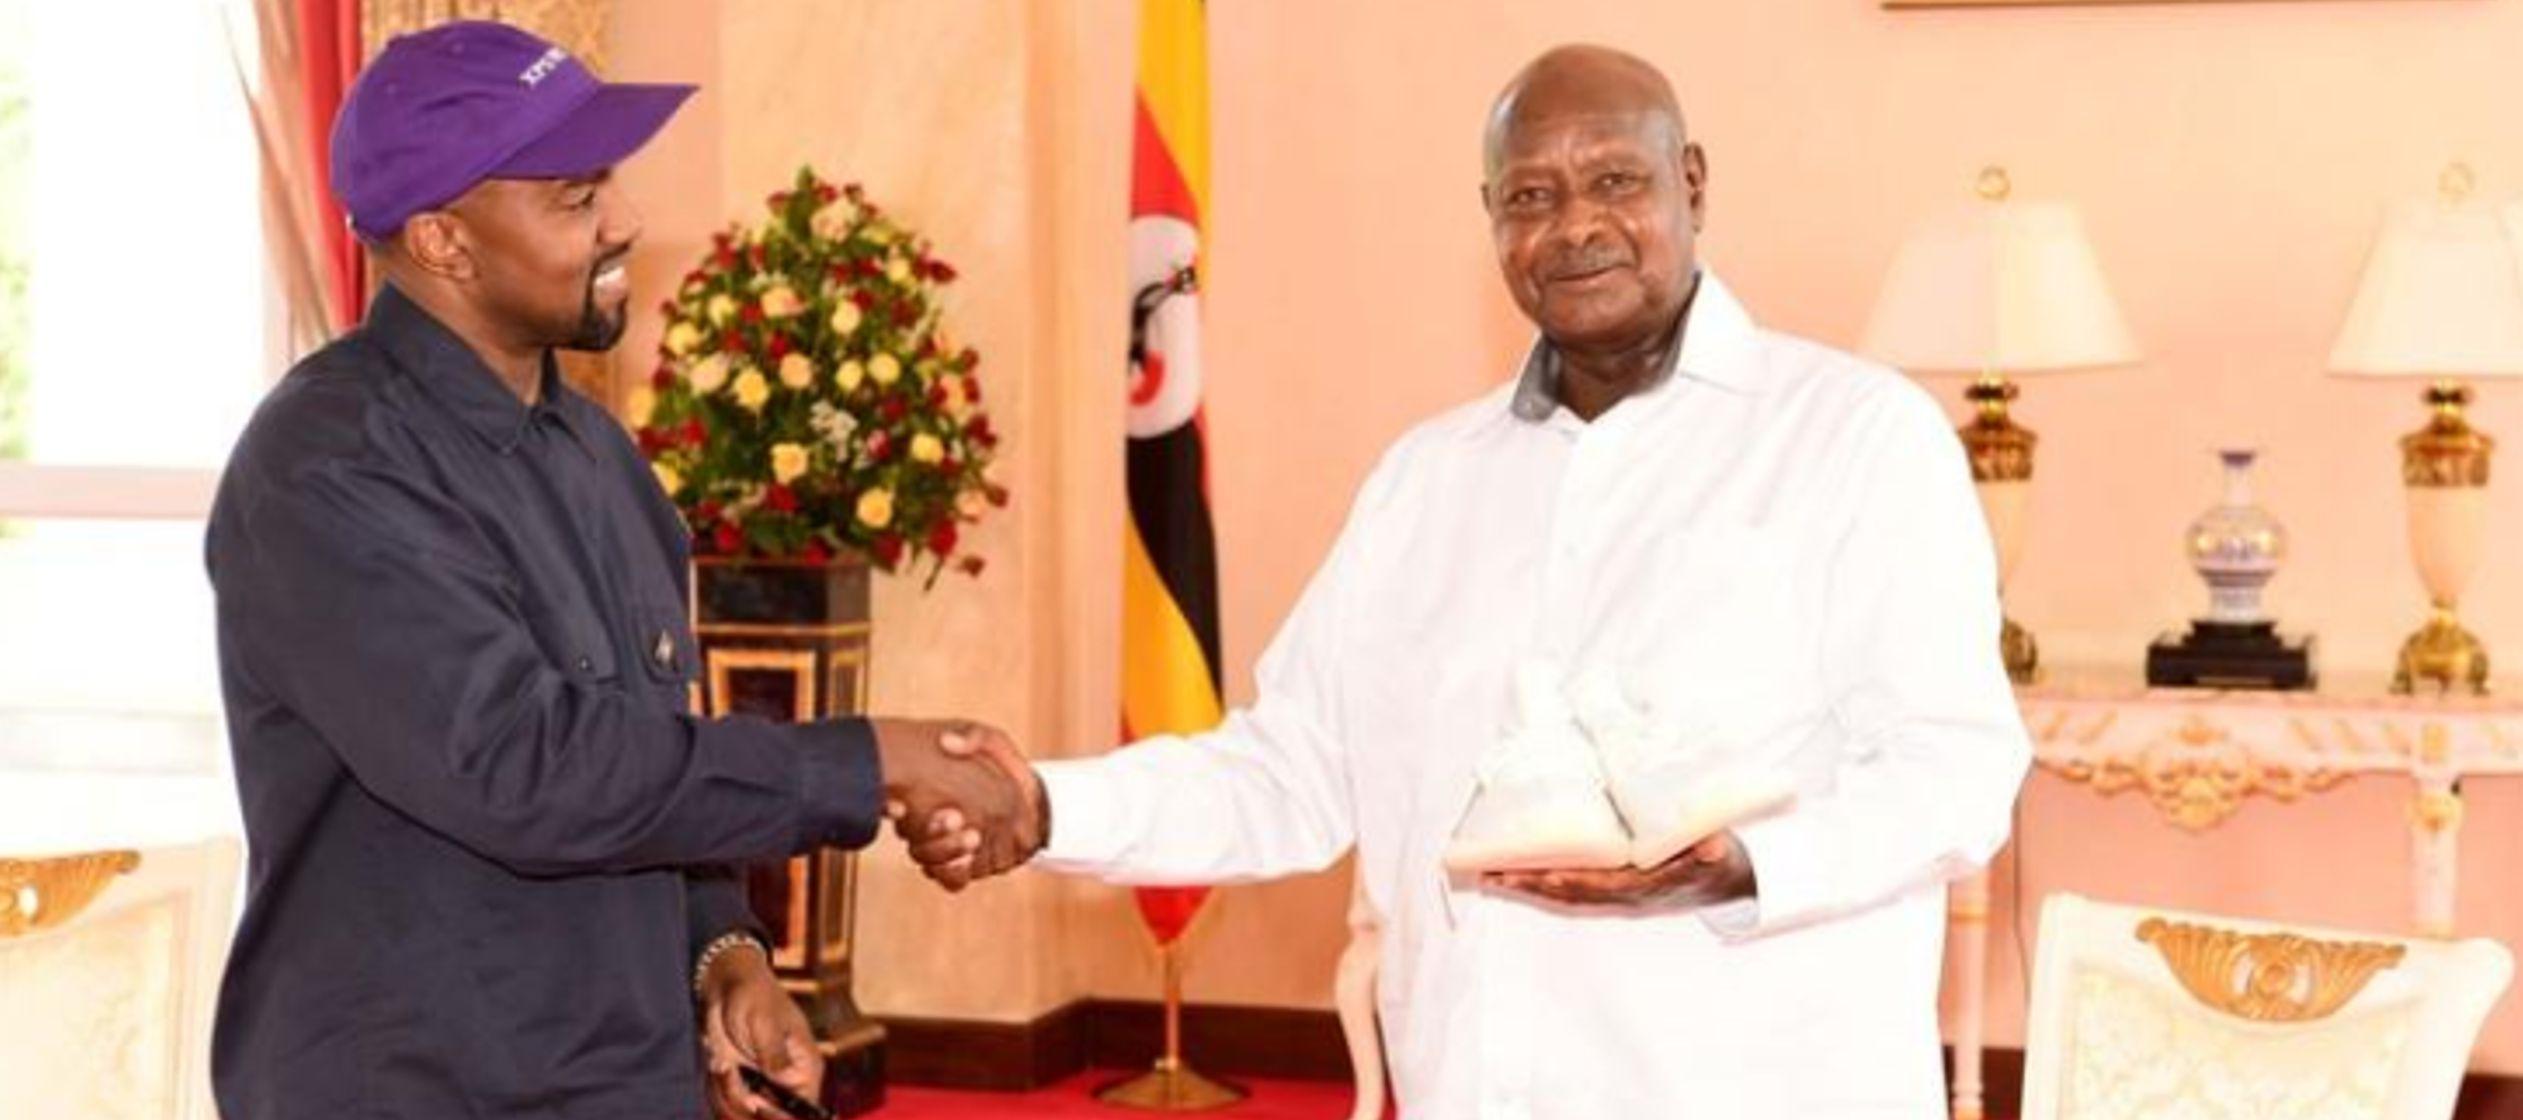 Resultado de imagen para Kanye West se reúne con presidente de Uganda